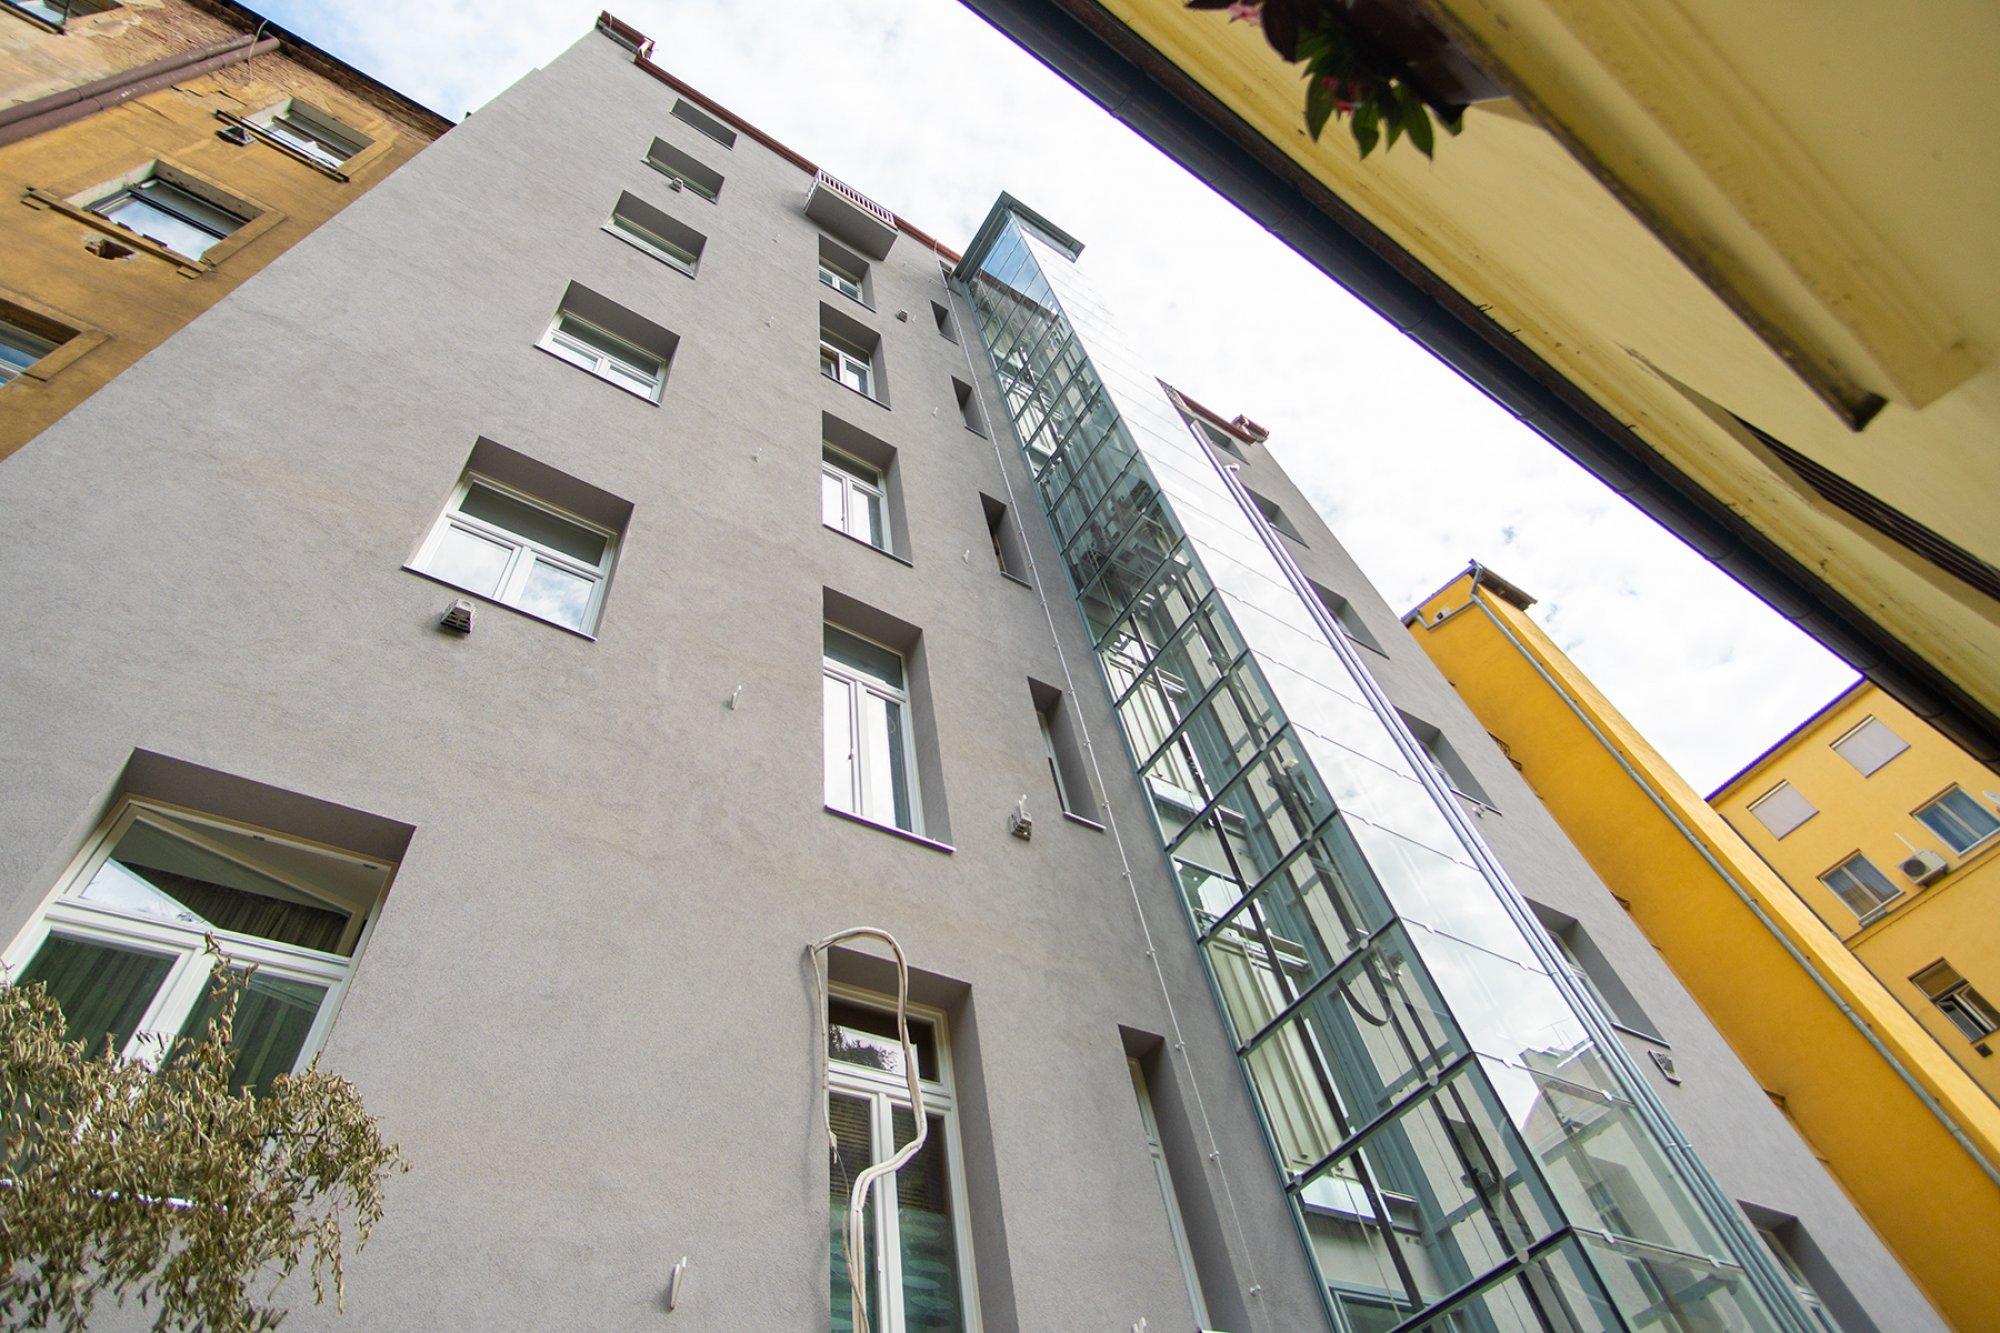 Developerský projekt Perner Lofts, ulice Pernerova, Praha 8 - Karlín | 20